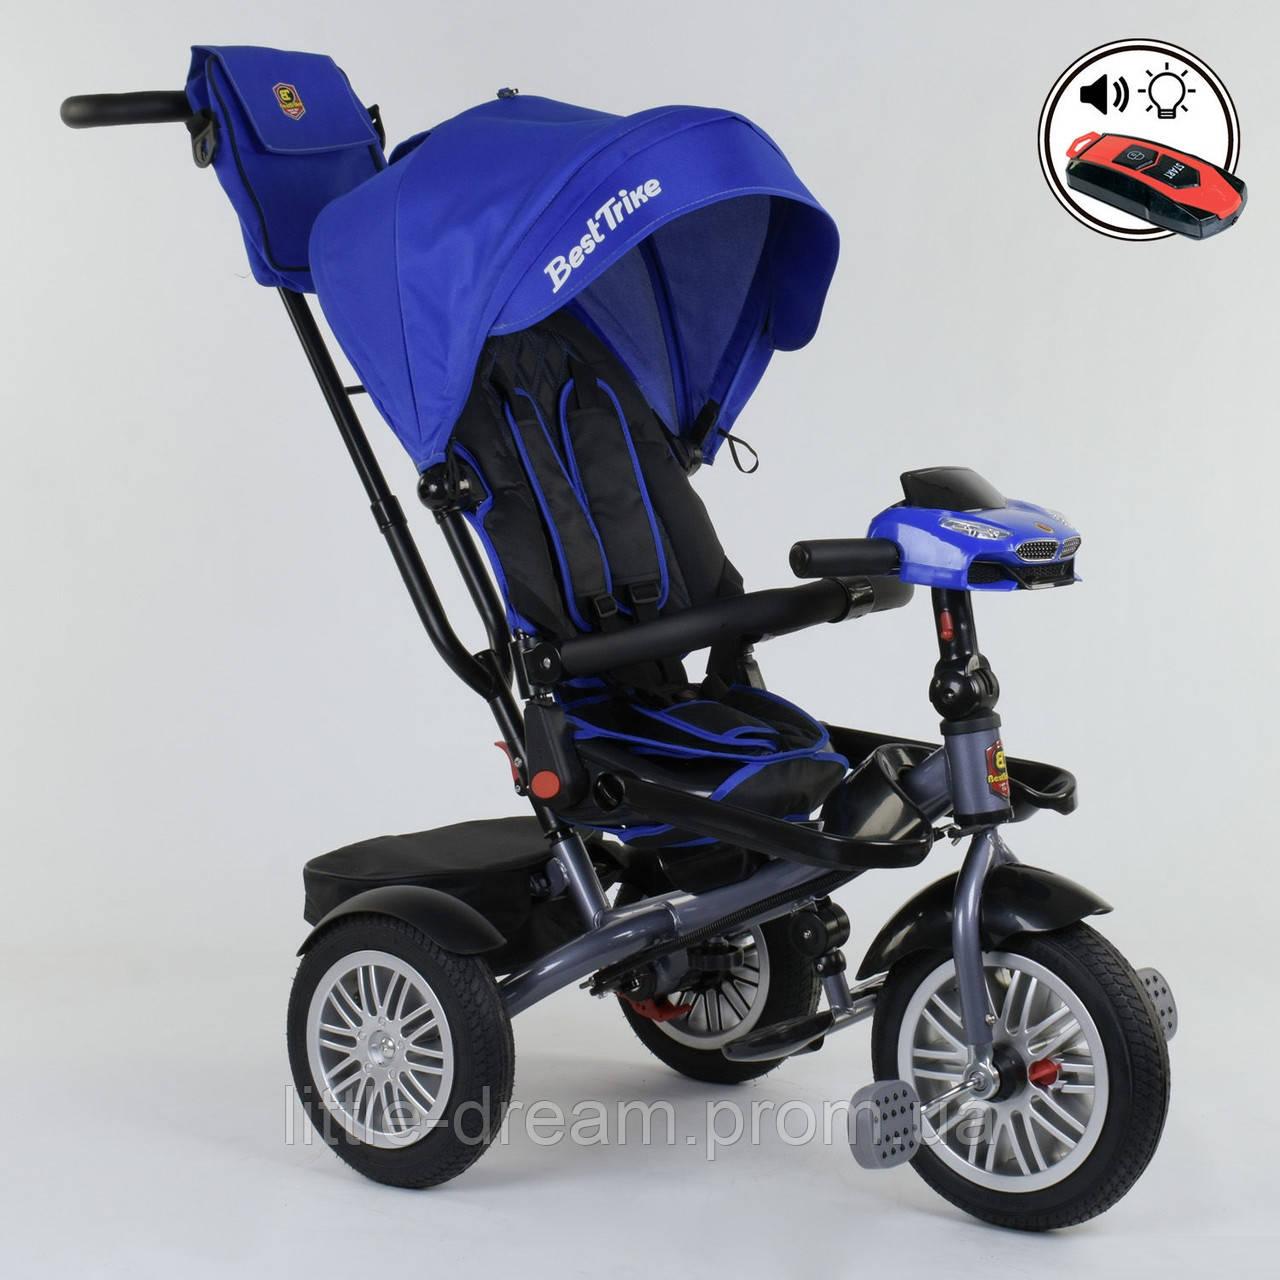 Велосипед 3-х колёсный Best Trike с поворотным сиденьем 9288 В - 3105, складной руль, русское озвучивание, надувные колеса, пульт включения света и